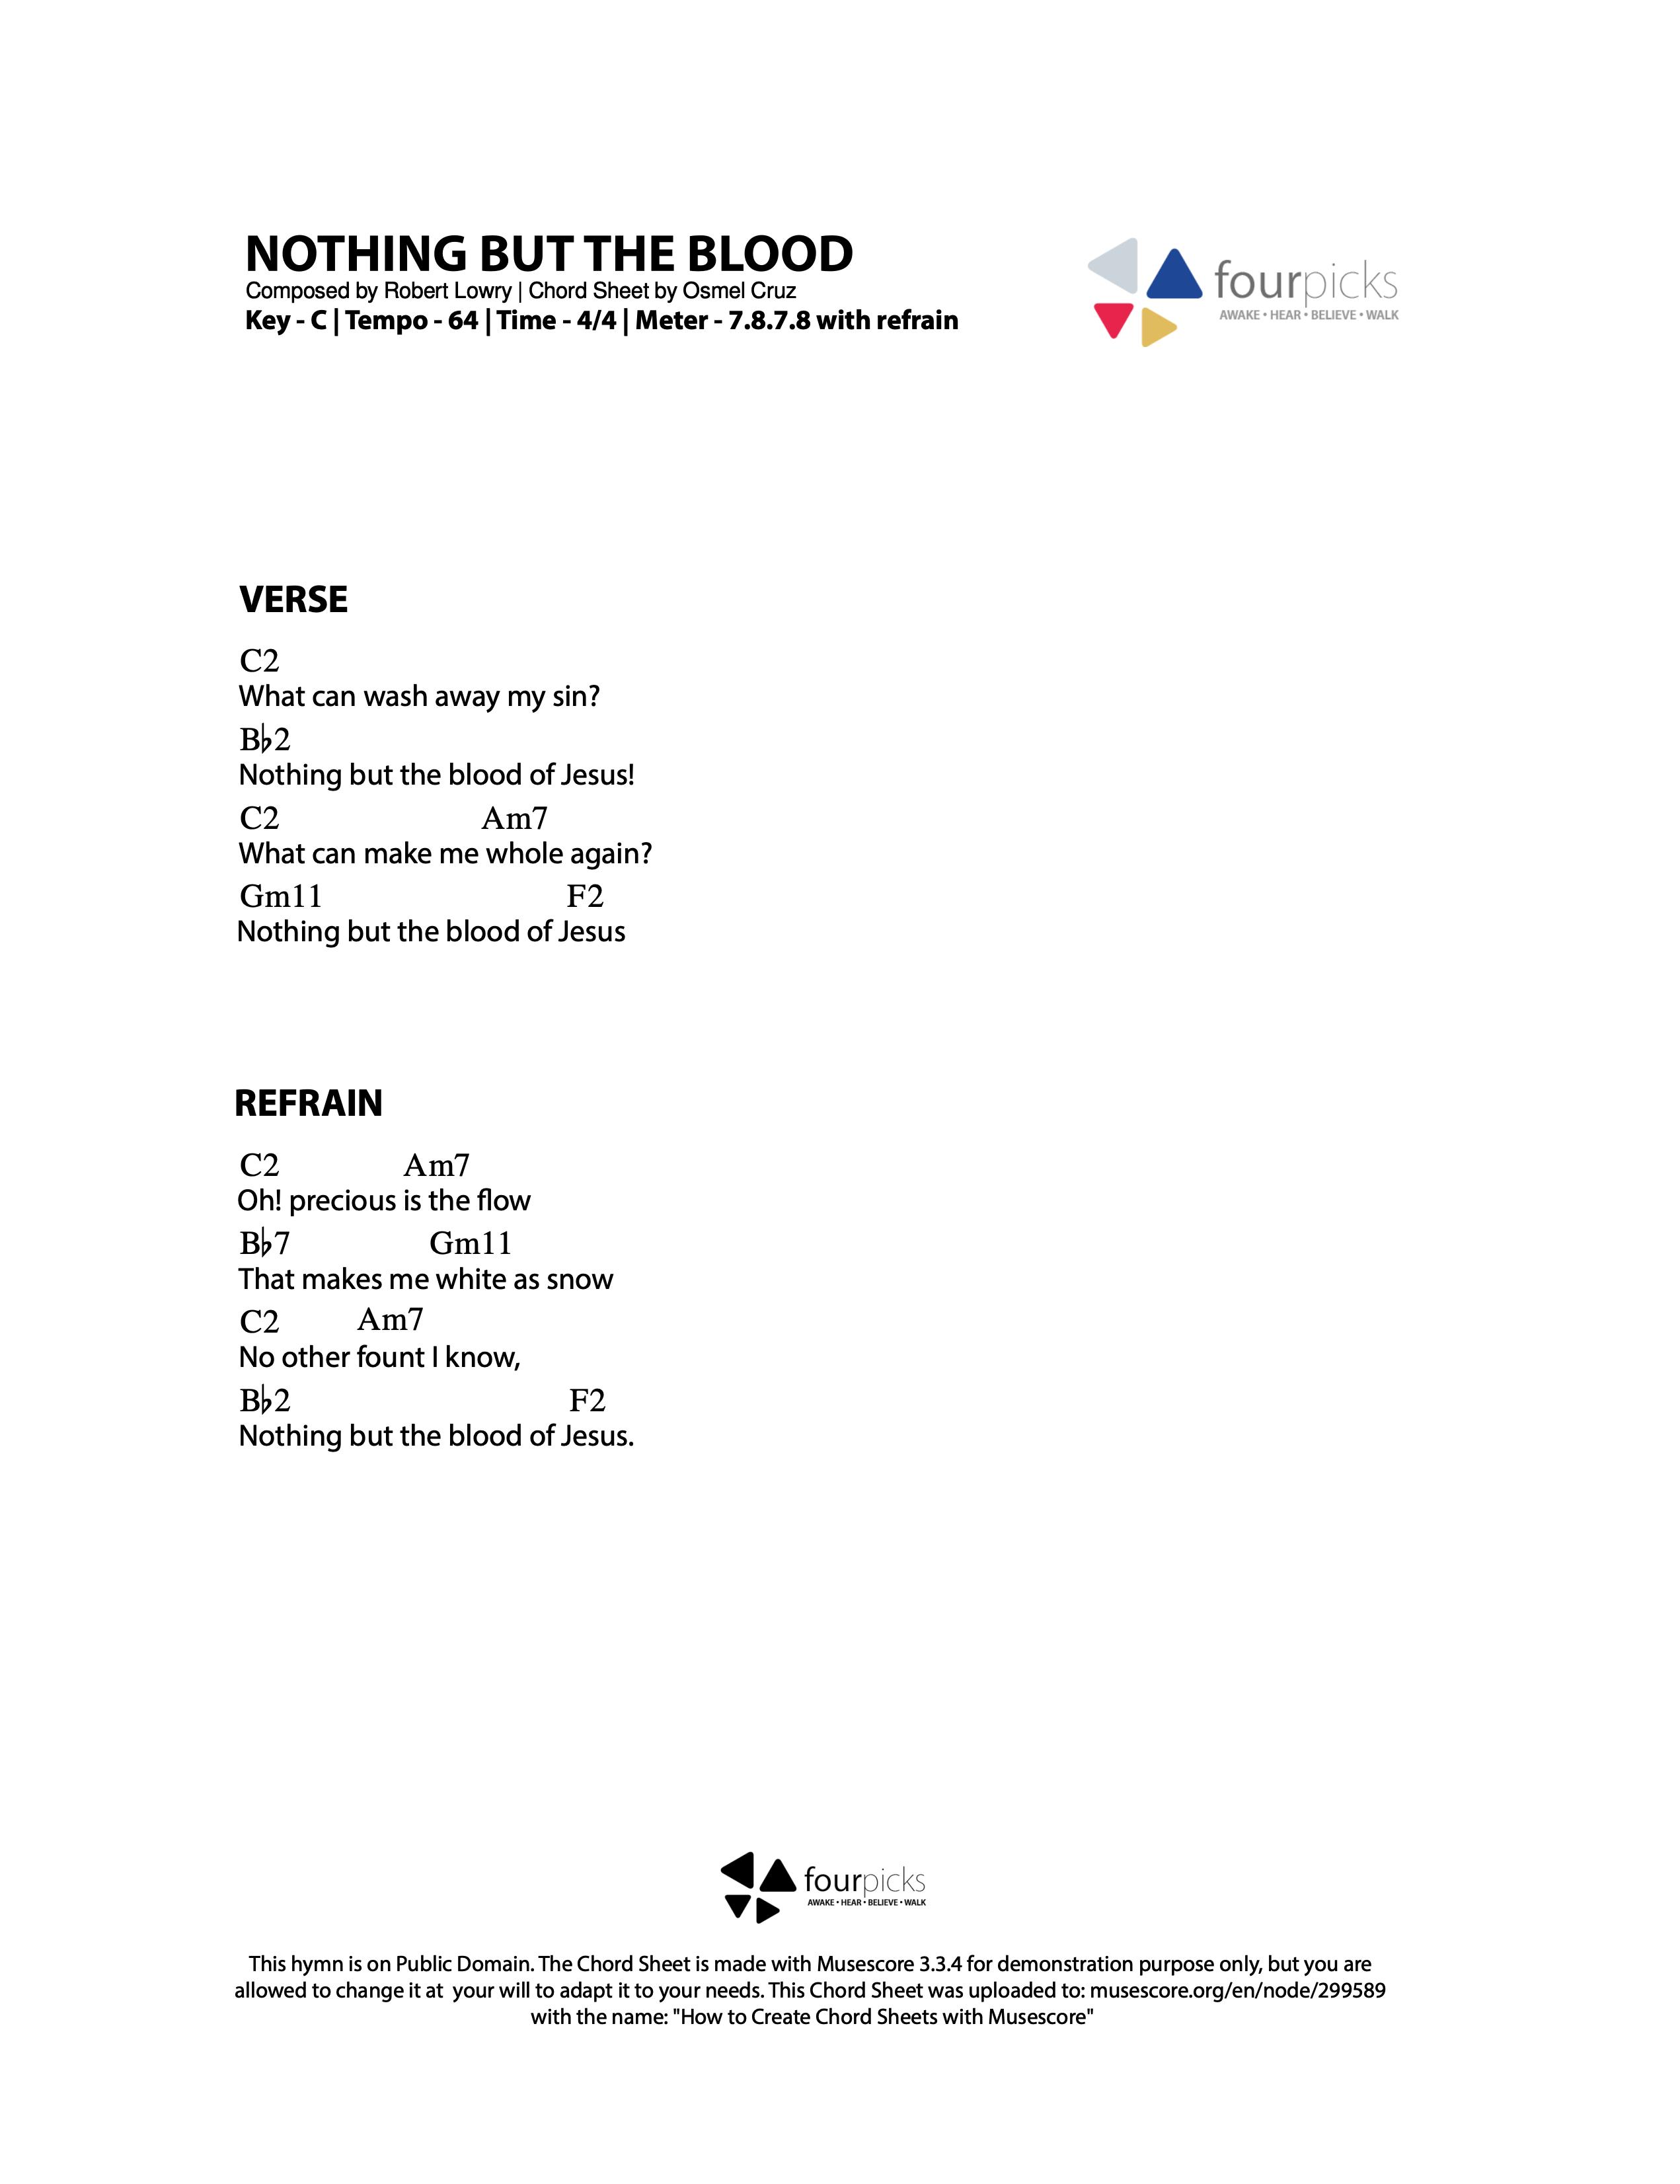 Cách tạo bảng hợp âm trong MuseScore